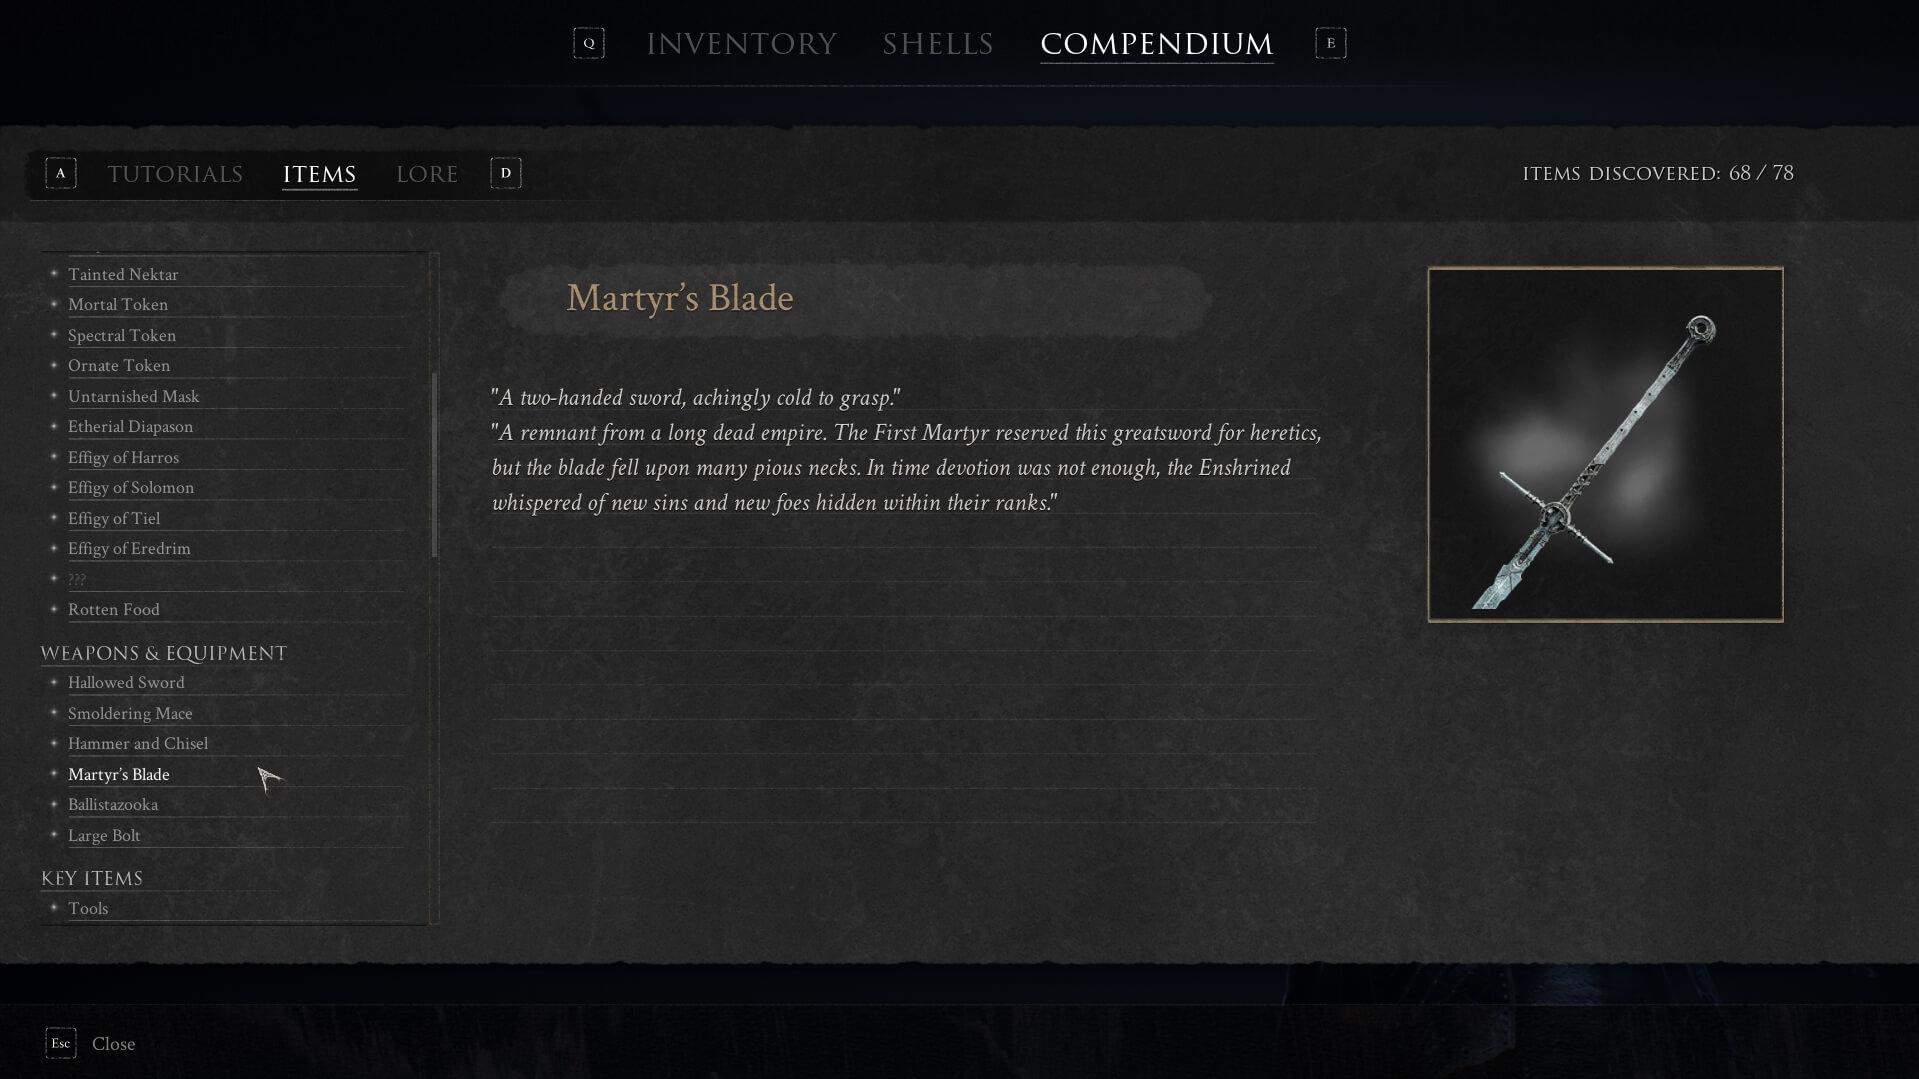 Mortal Shell - Martyr's Blade